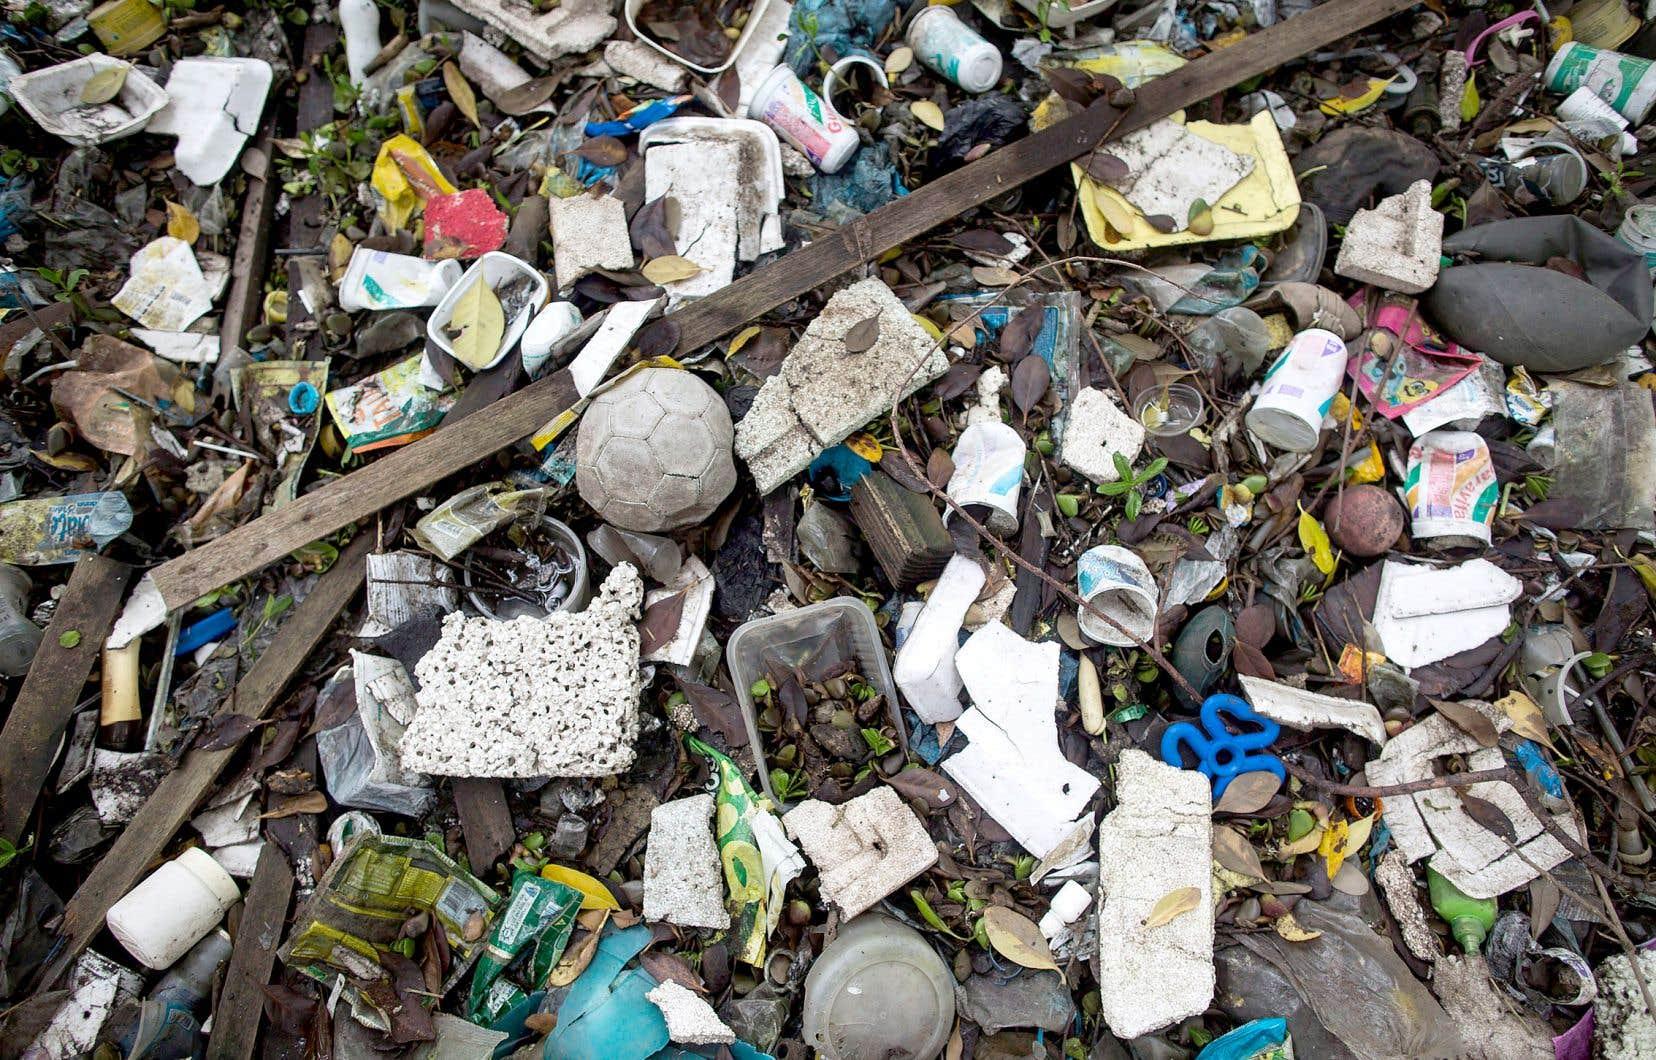 Pour le Front commun québécois pour une gestion écologique des déchets, qui a réclamé la tenue d'un examen du BAPE pour le projet d'expansion 2022-2040, ces audiences devraient être l'occasion de réfléchir à la façon dont on gère nos matières résiduelles.